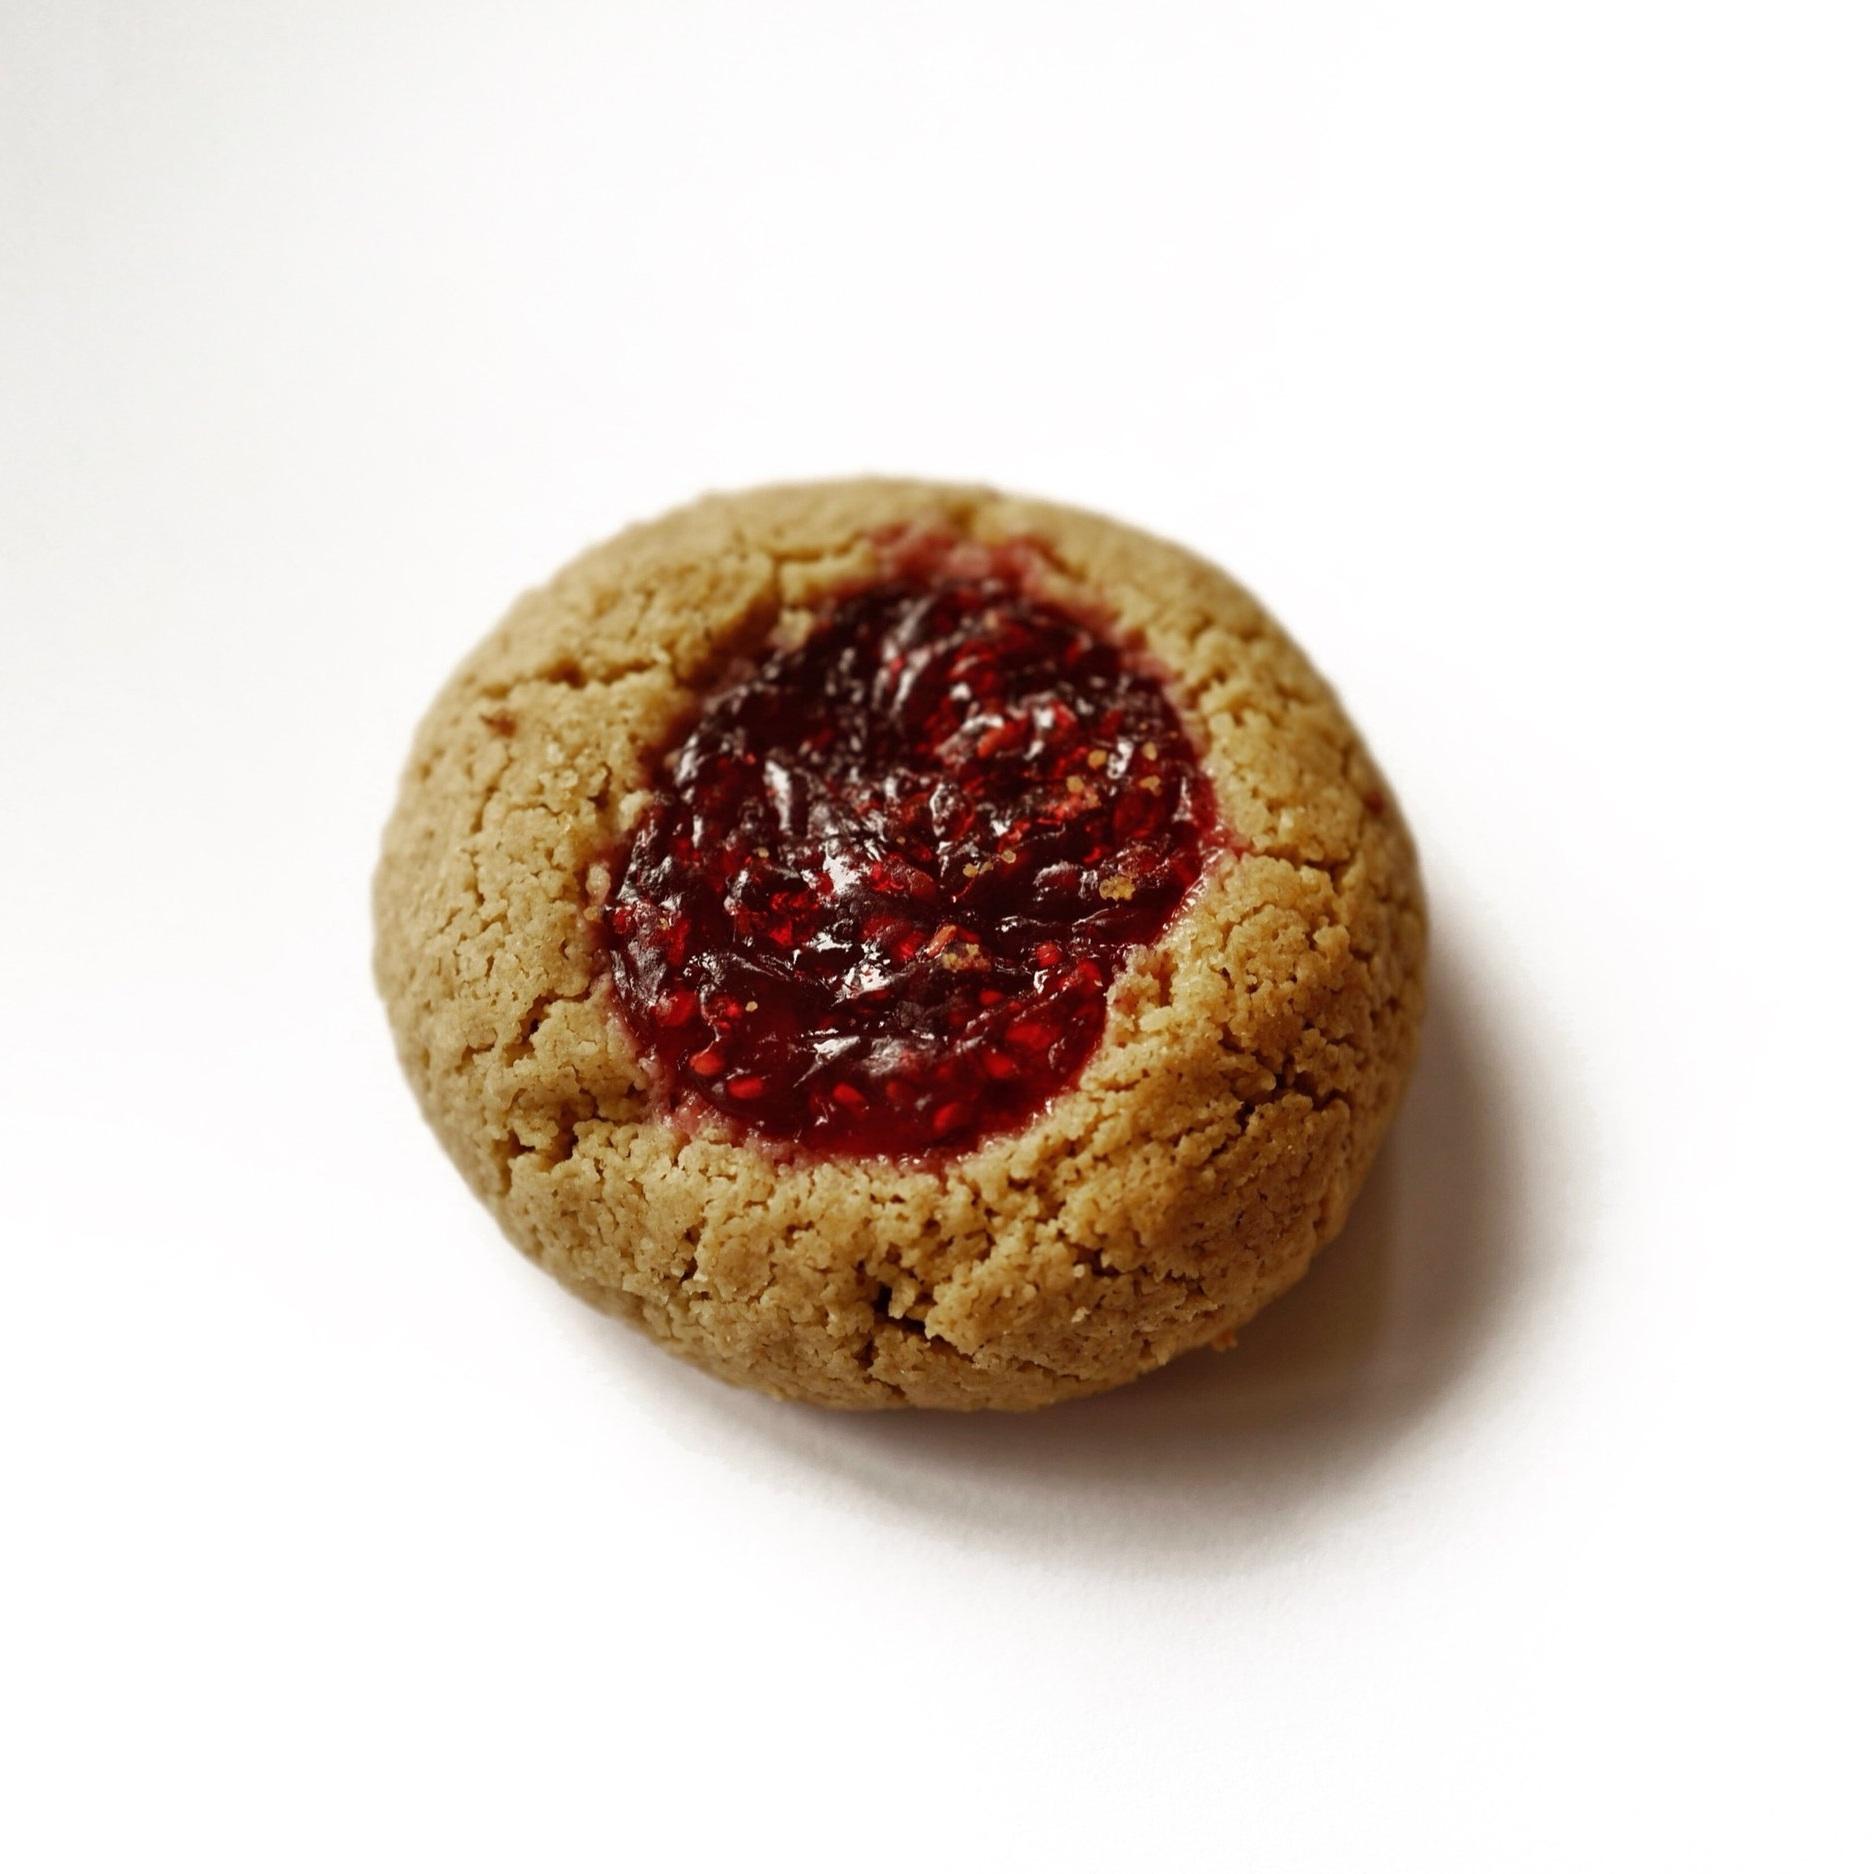 Syltkaka 12:- - Bakad utan glutenInnehåll: HAVREMJÖL, smör laktosfritt (GRÄDDE, salt, syrningskultur), socker, hallon, glukossirap, vatten, fruktsocker